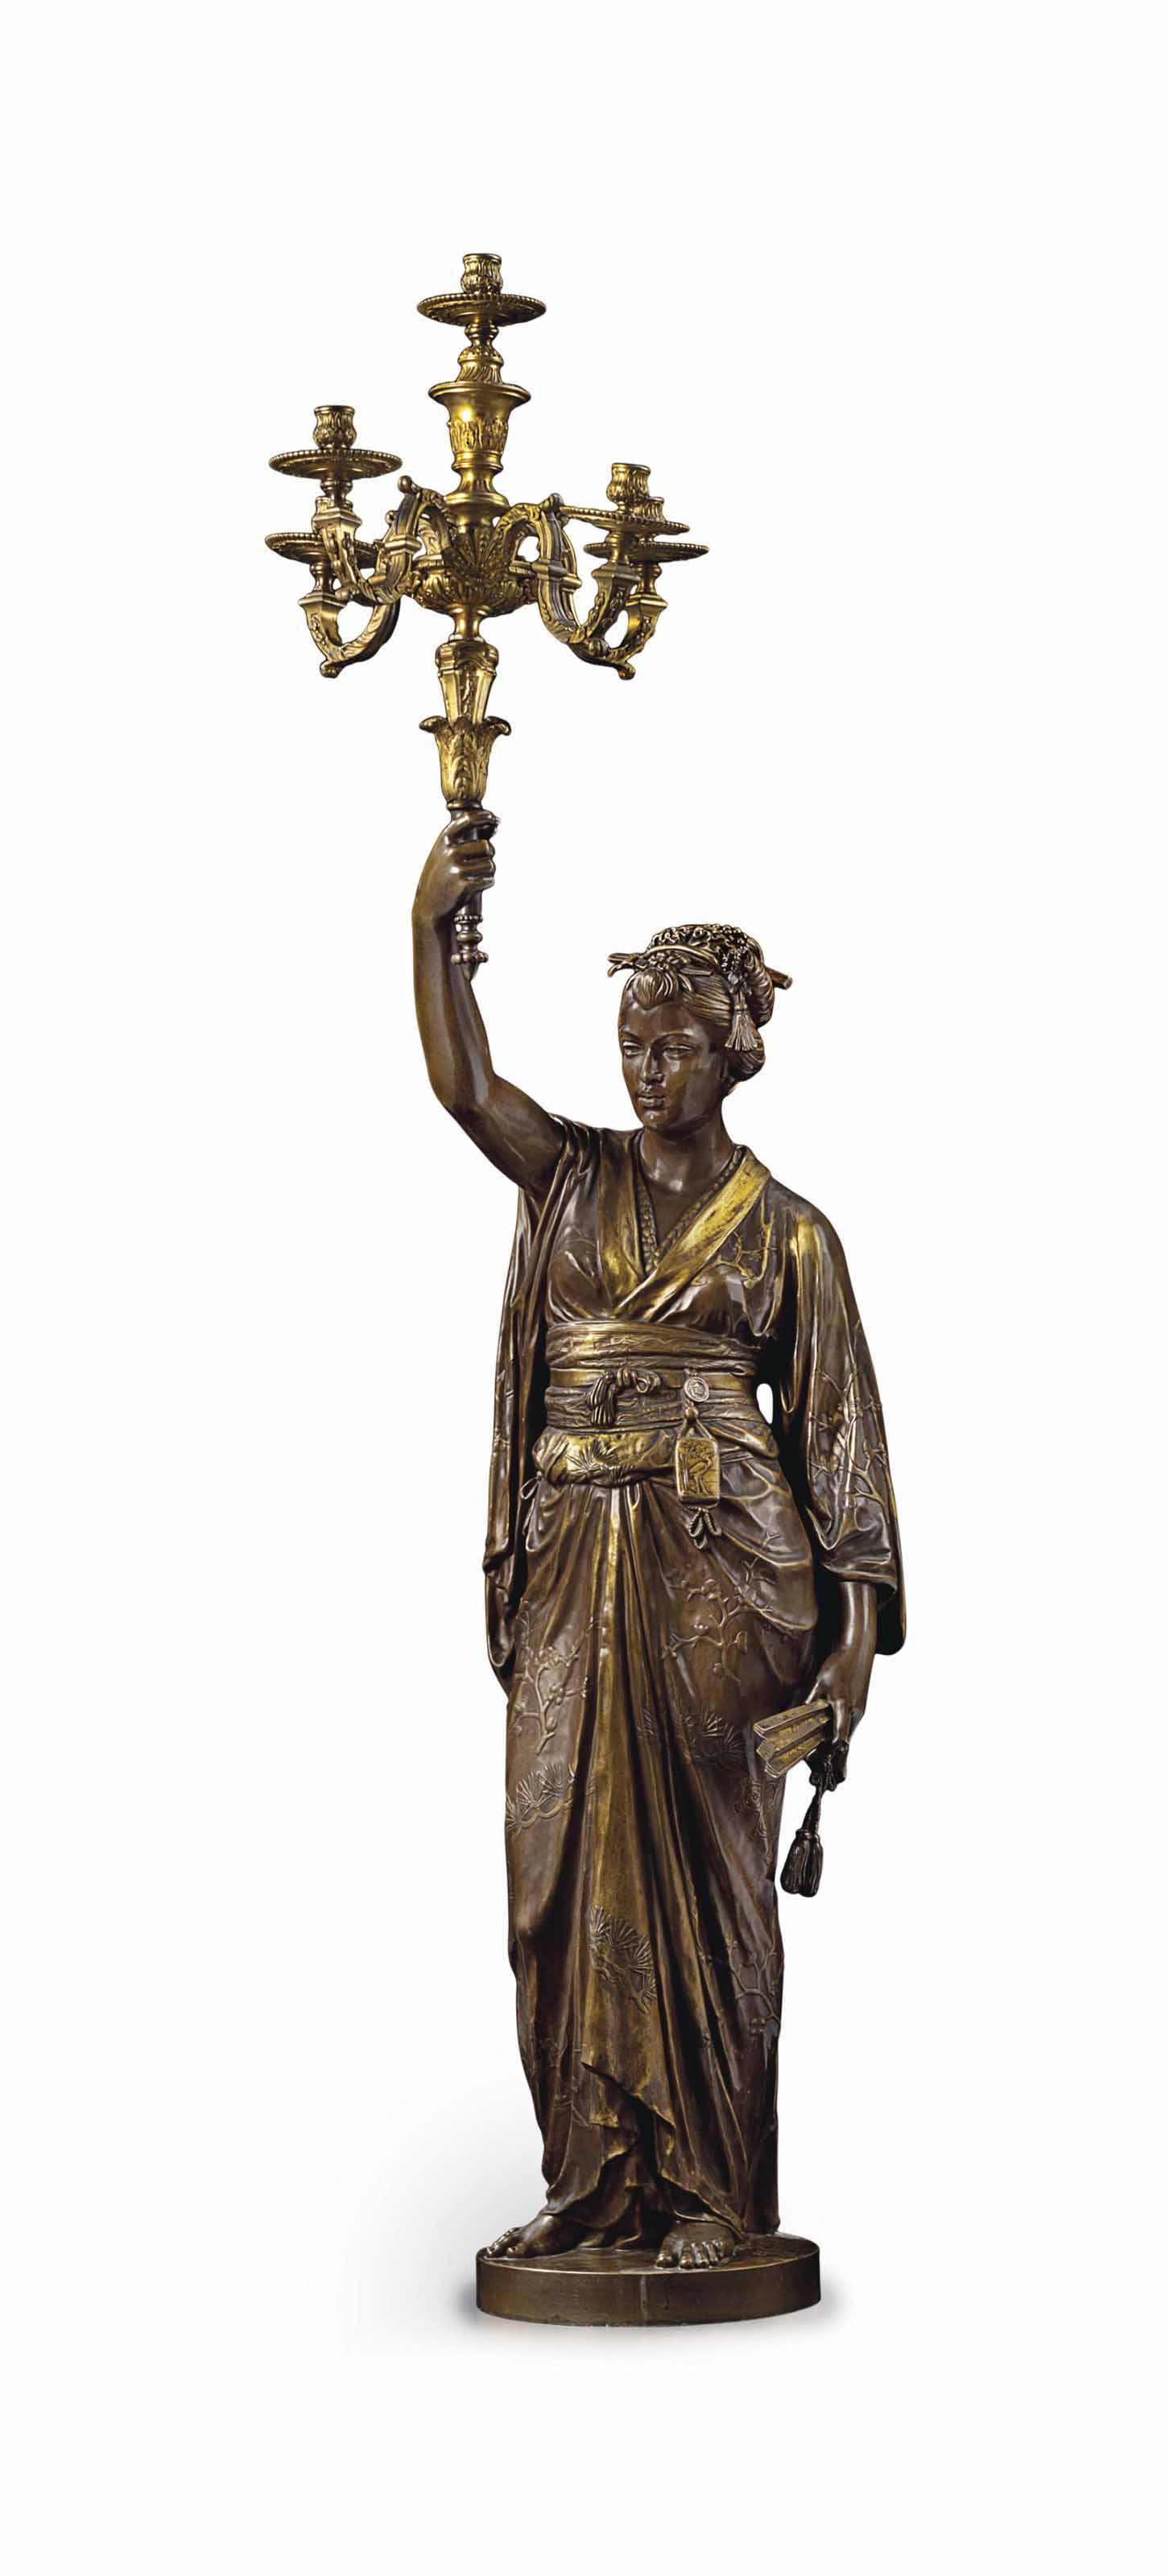 Porte-lumière: Femme japonaise (grandeur originale)